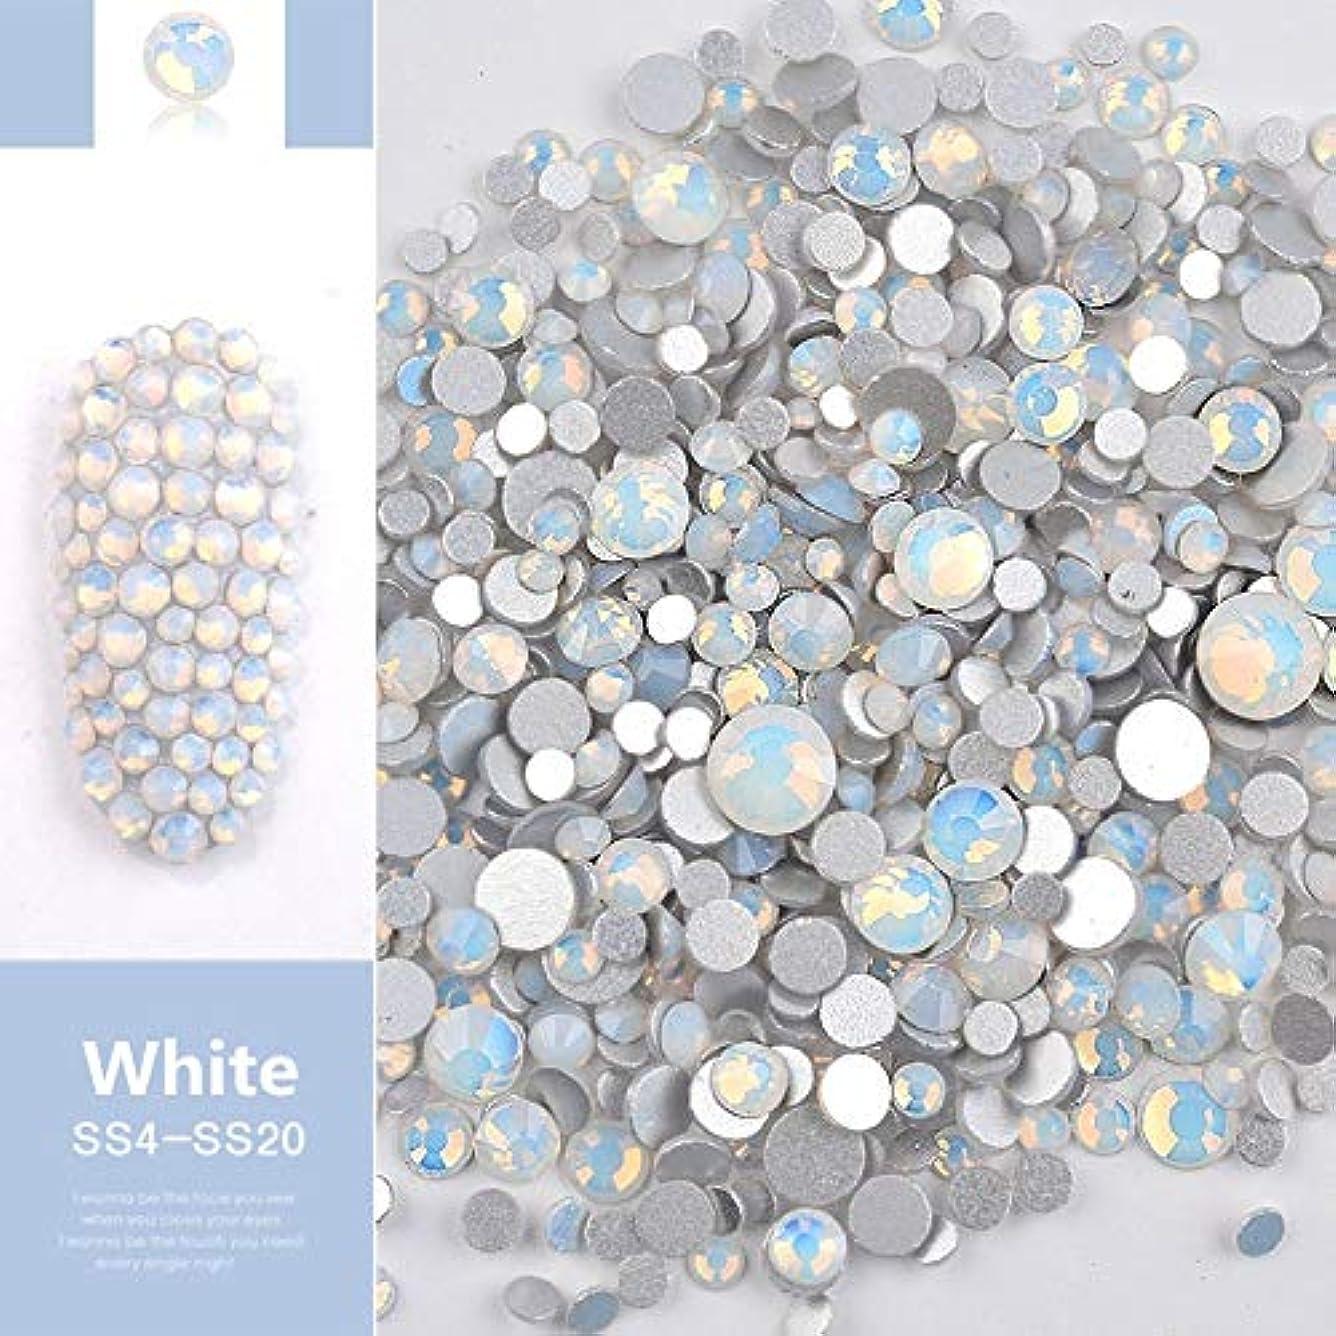 侮辱征服する心理的Jiaoran ビーズ樹脂クリスタルラウンドネイルアートミックスフラットバックアクリルラインストーンミックスサイズ1.5-4.5 mm装飾用ネイル (Color : White)